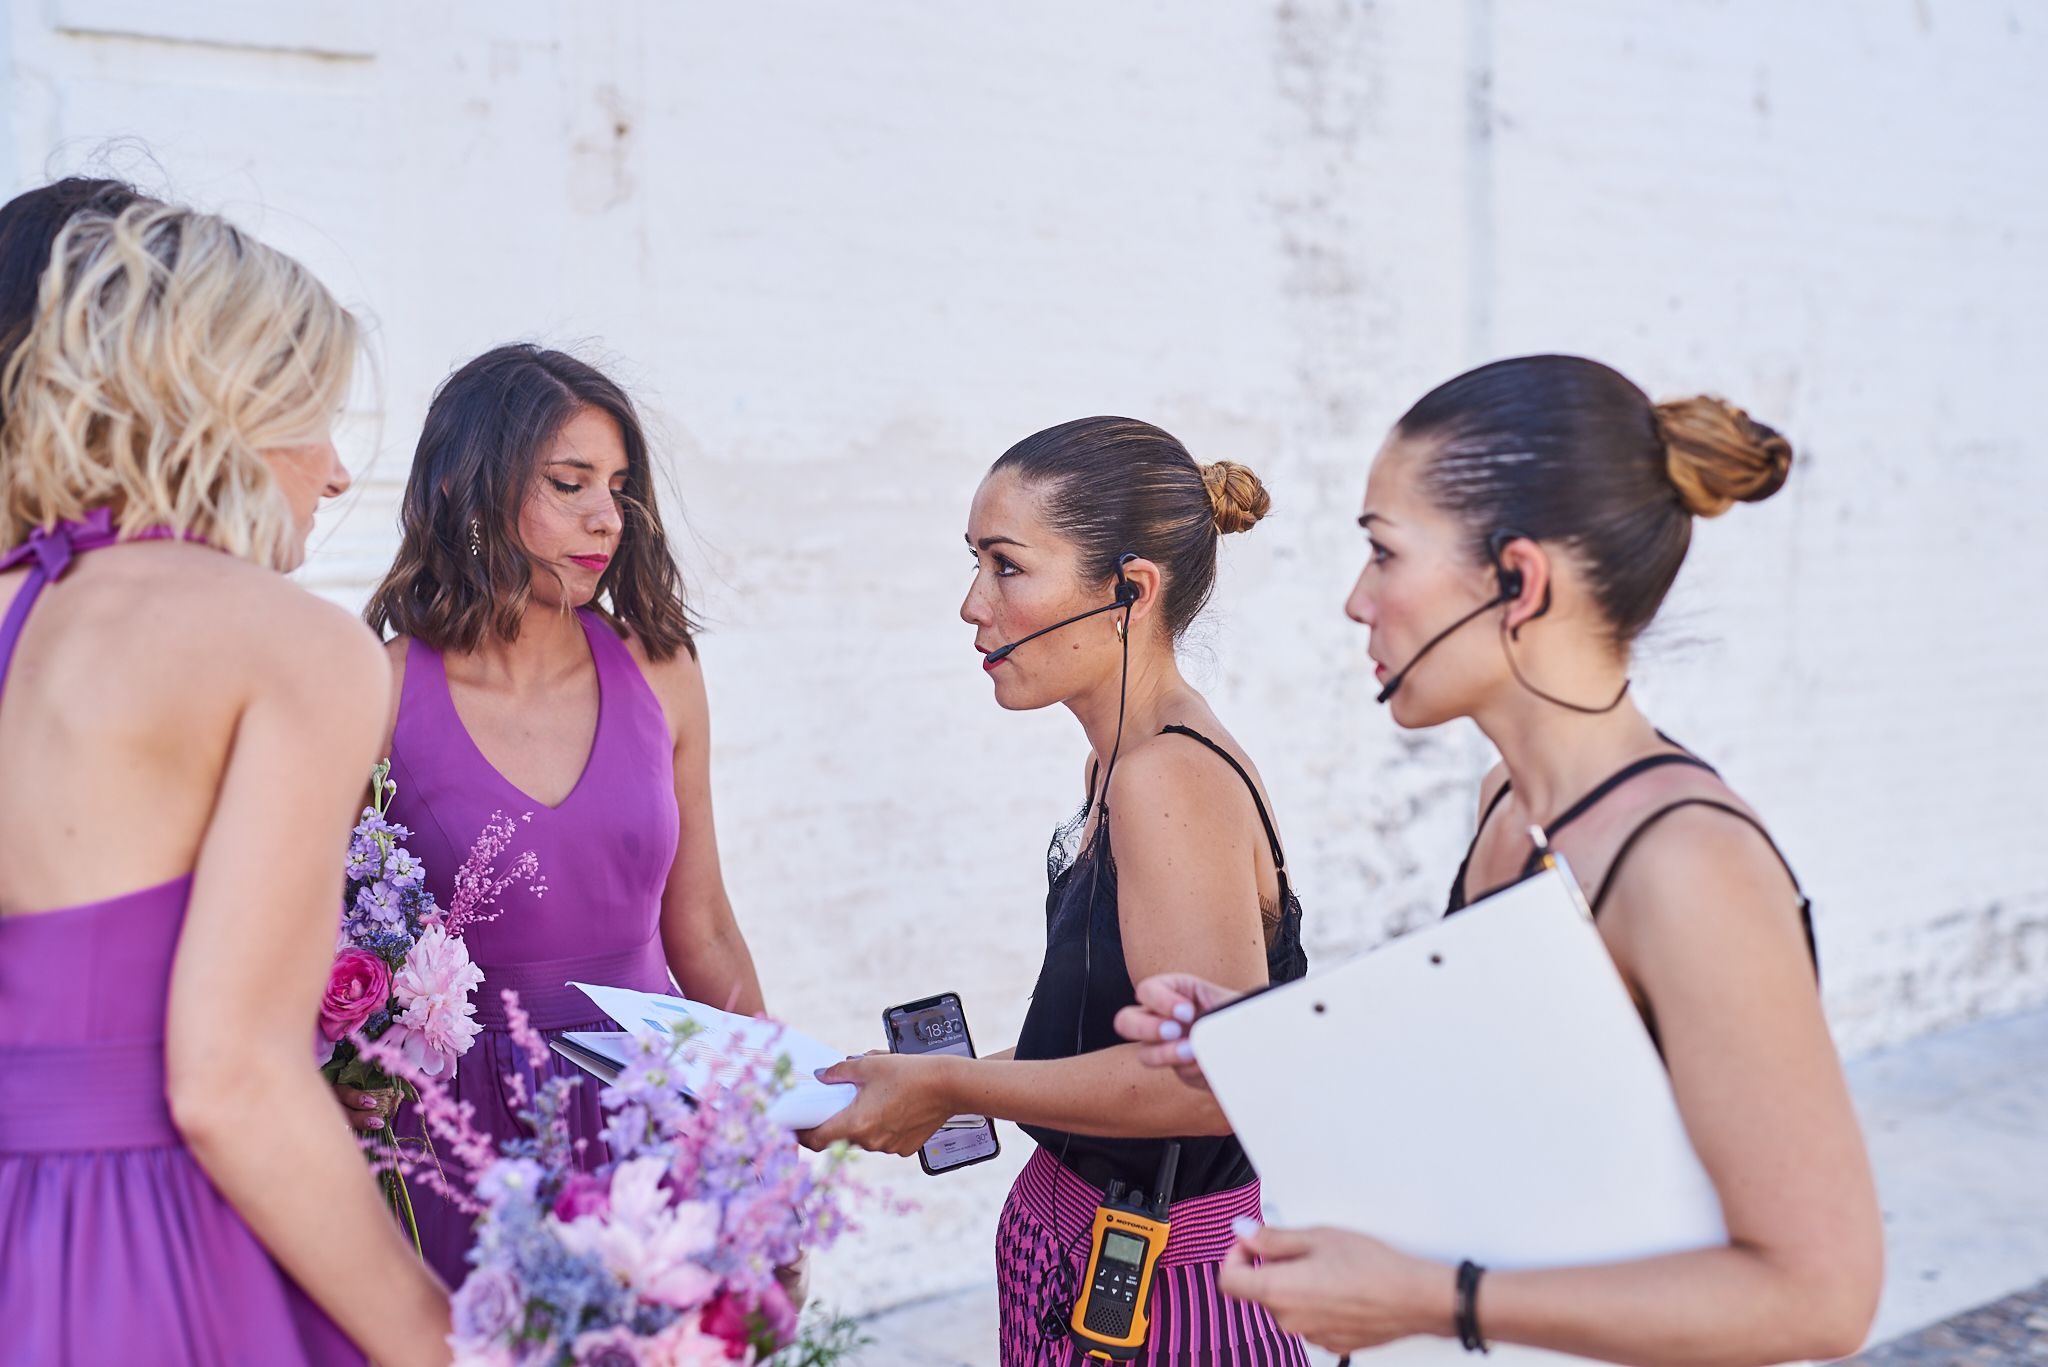 La-22Destination-Wedding22-en-Moguer-de-Lauren-y-JosC3A9-Antonio-JoseAntonio-alejandromarmol0833.jpg